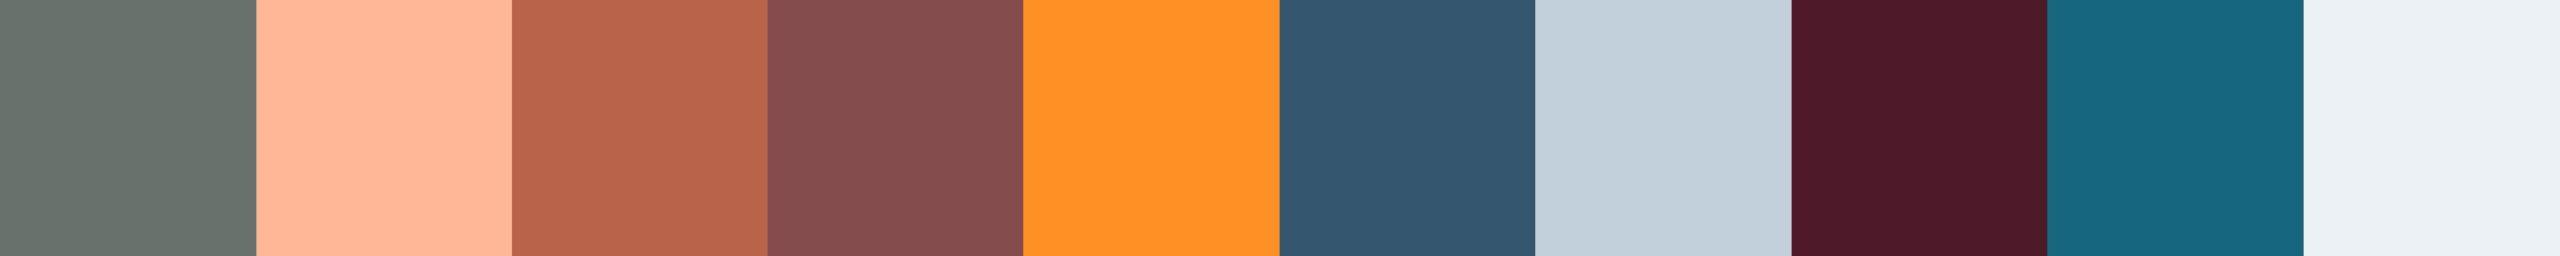 285 Edermorfia Color Palette